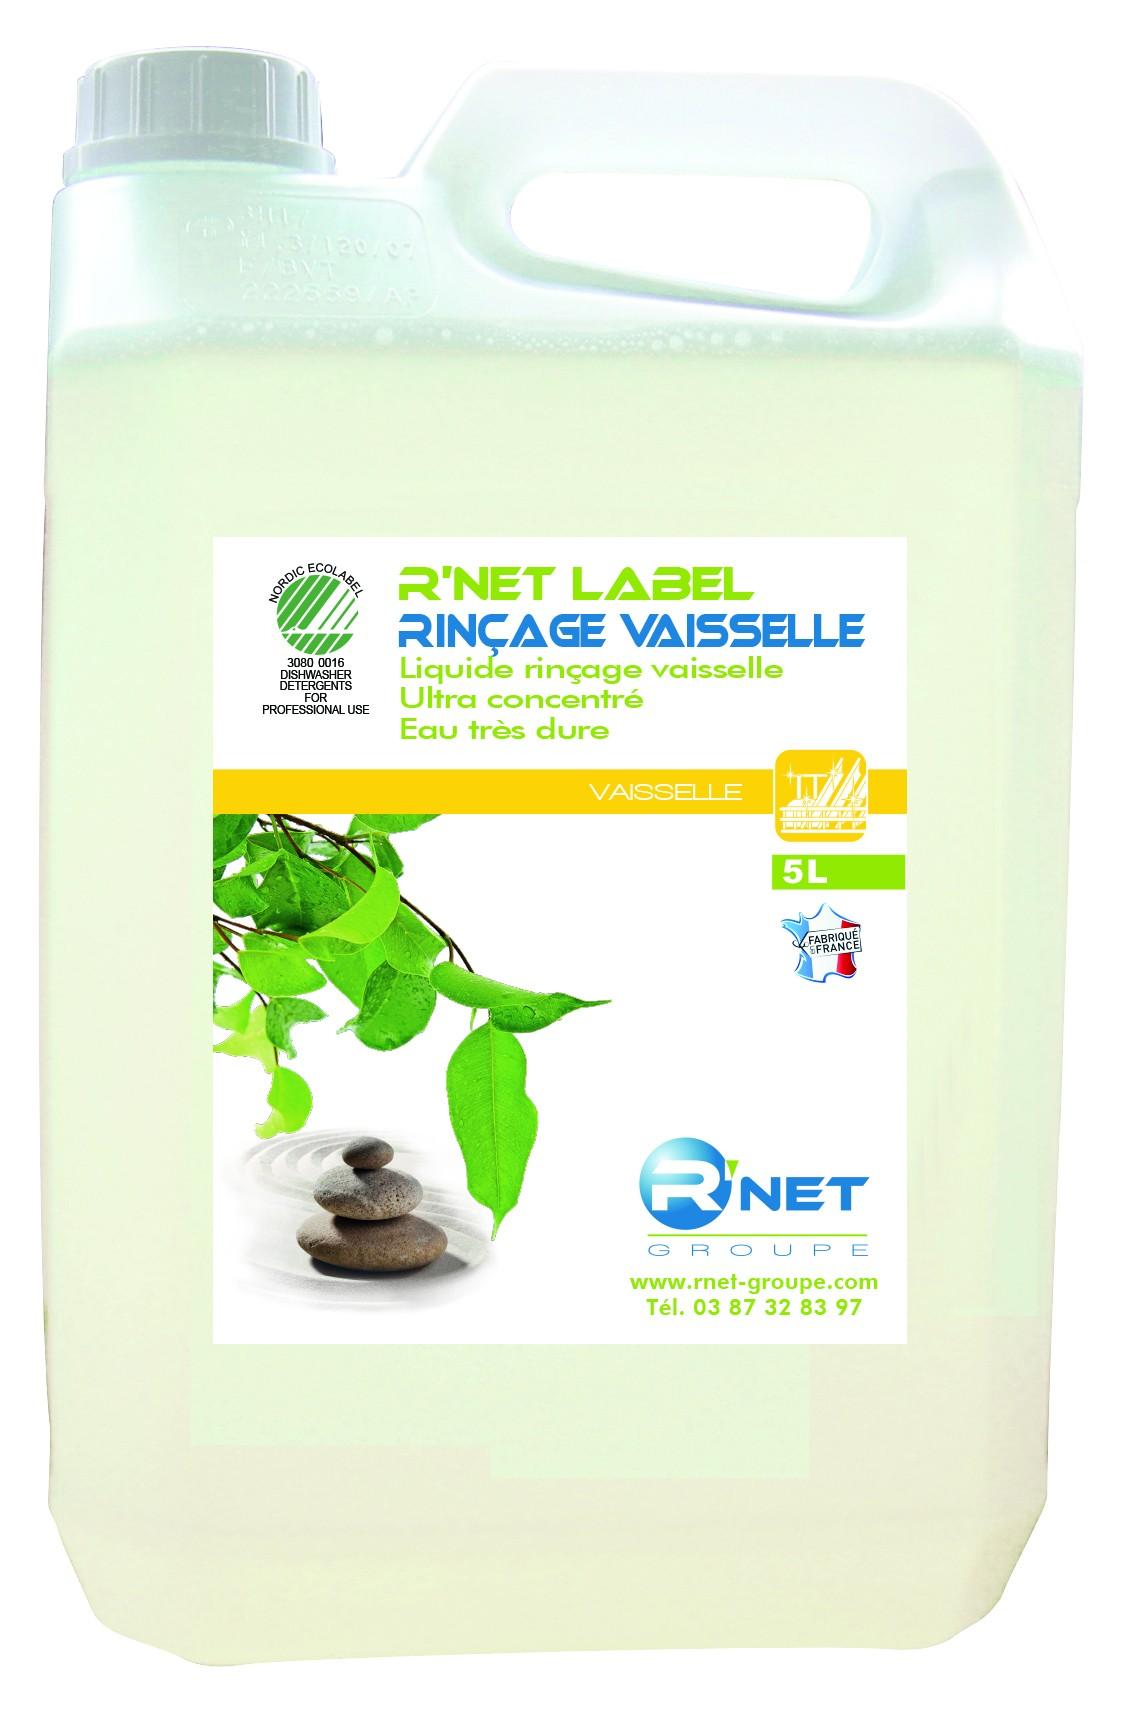 R'net label rinçage vaisselle concentré machine 5L